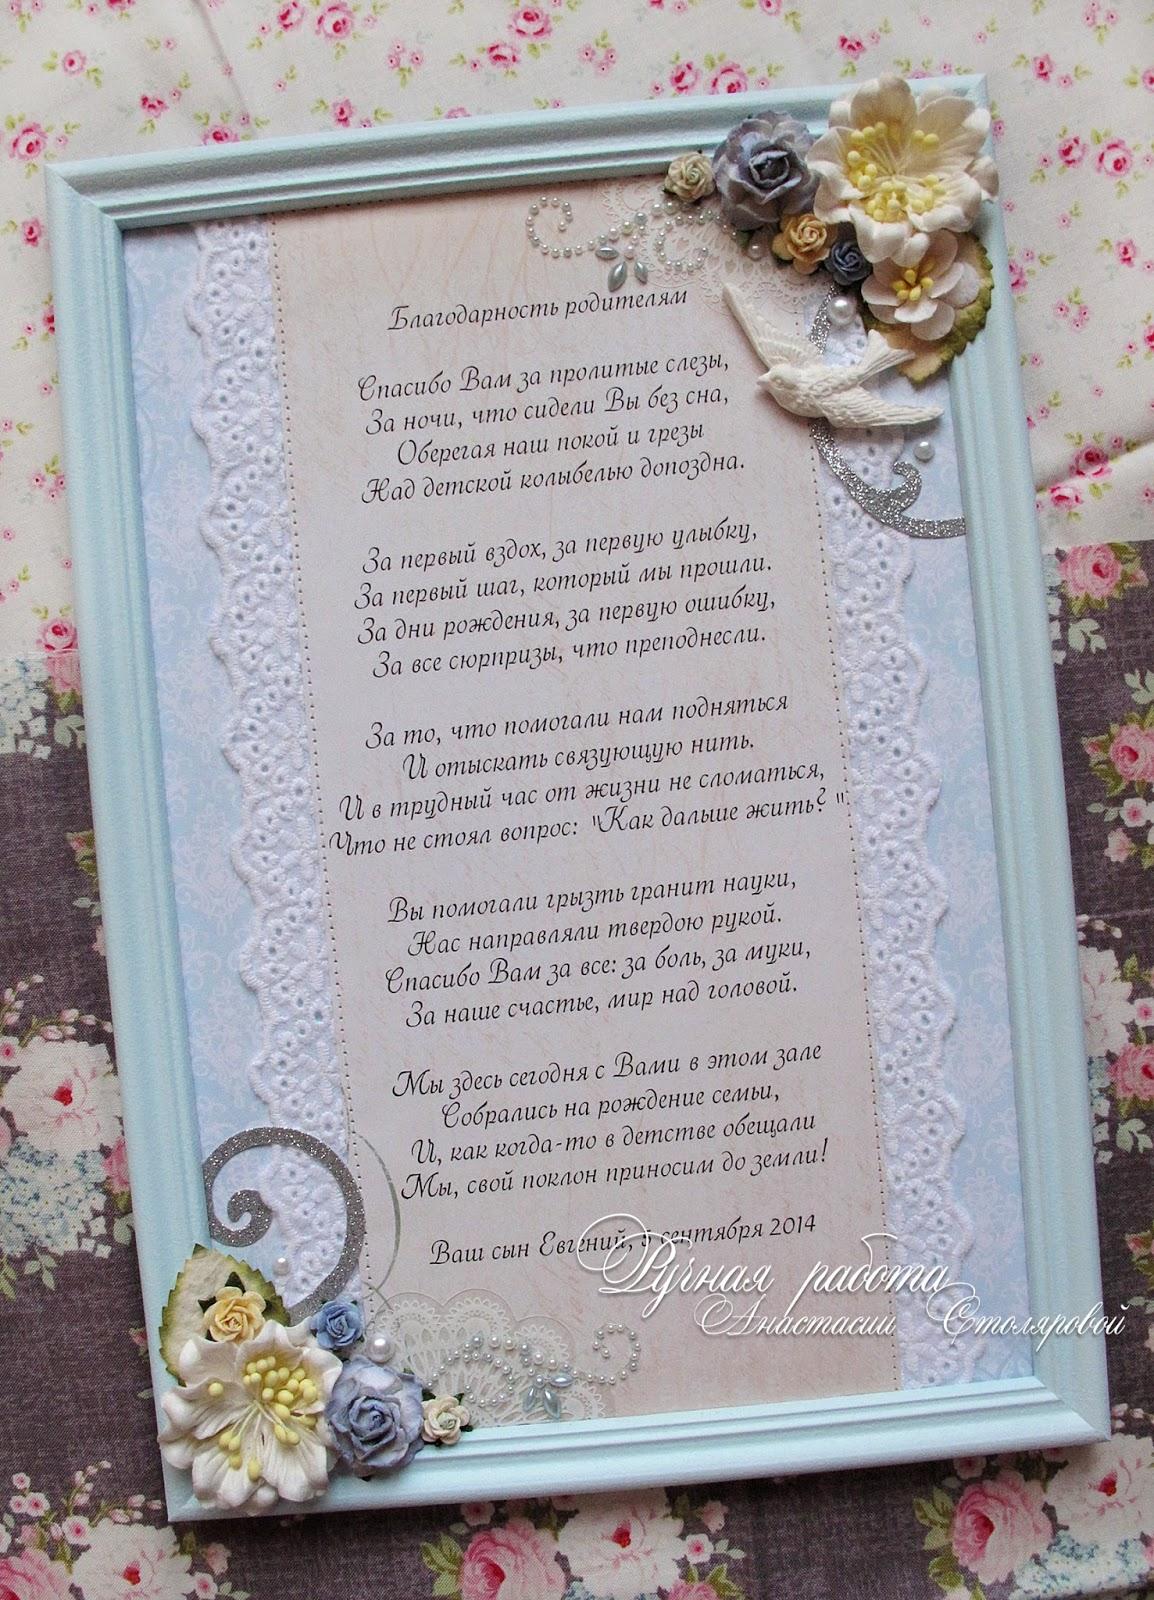 Благодарность на свадьбу родителям от невесты